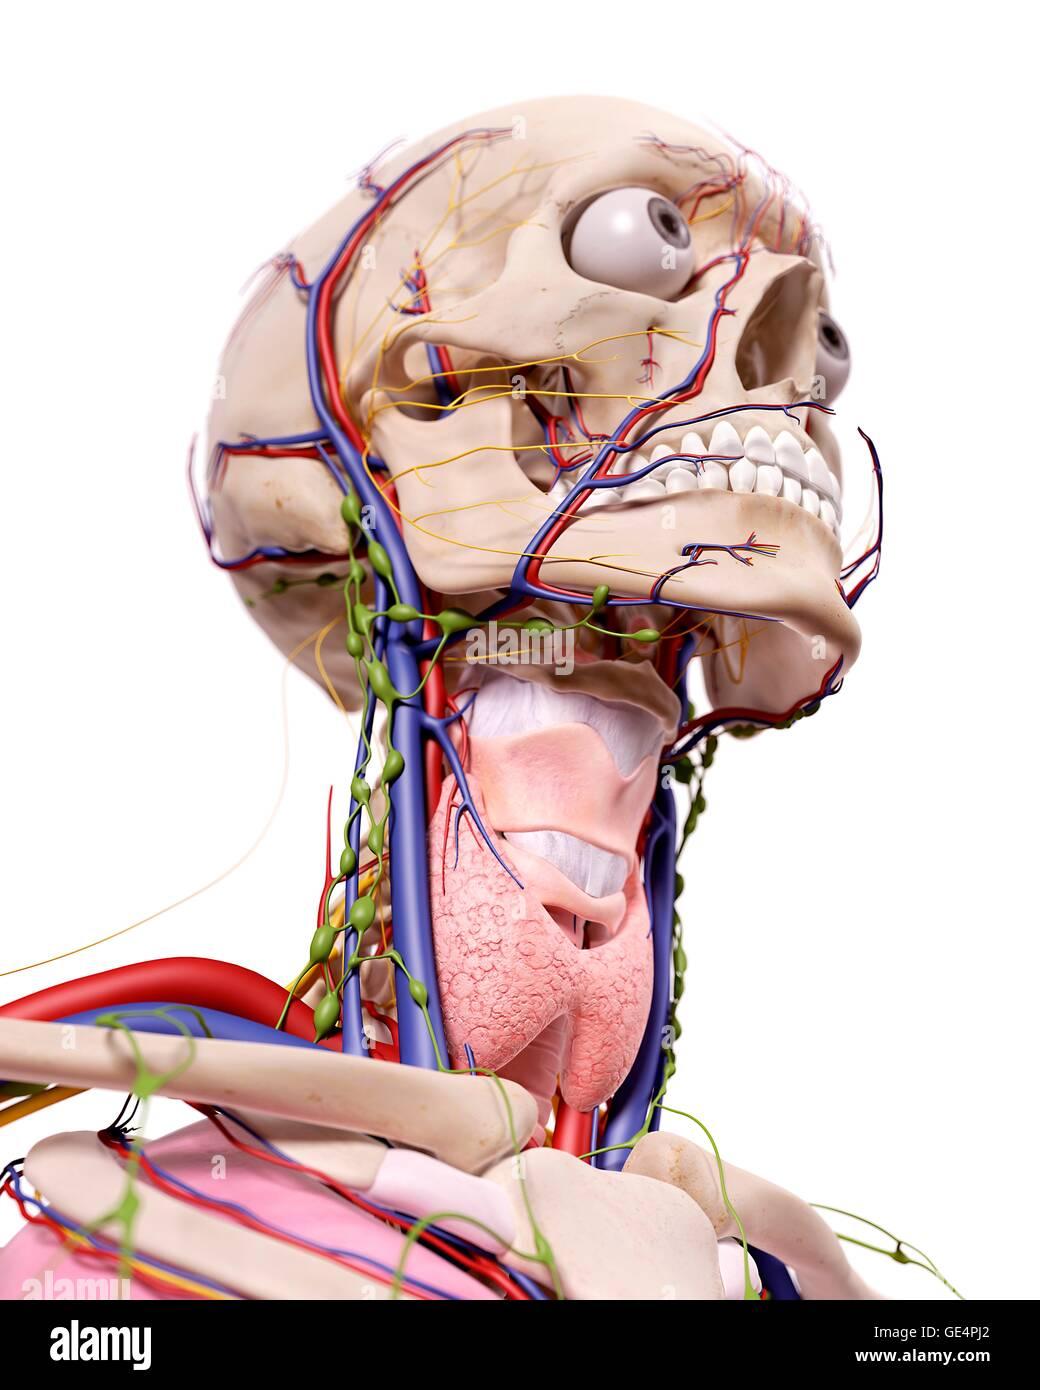 Groß Anatomie Des Aortenbogen Bilder - Menschliche Anatomie Bilder ...